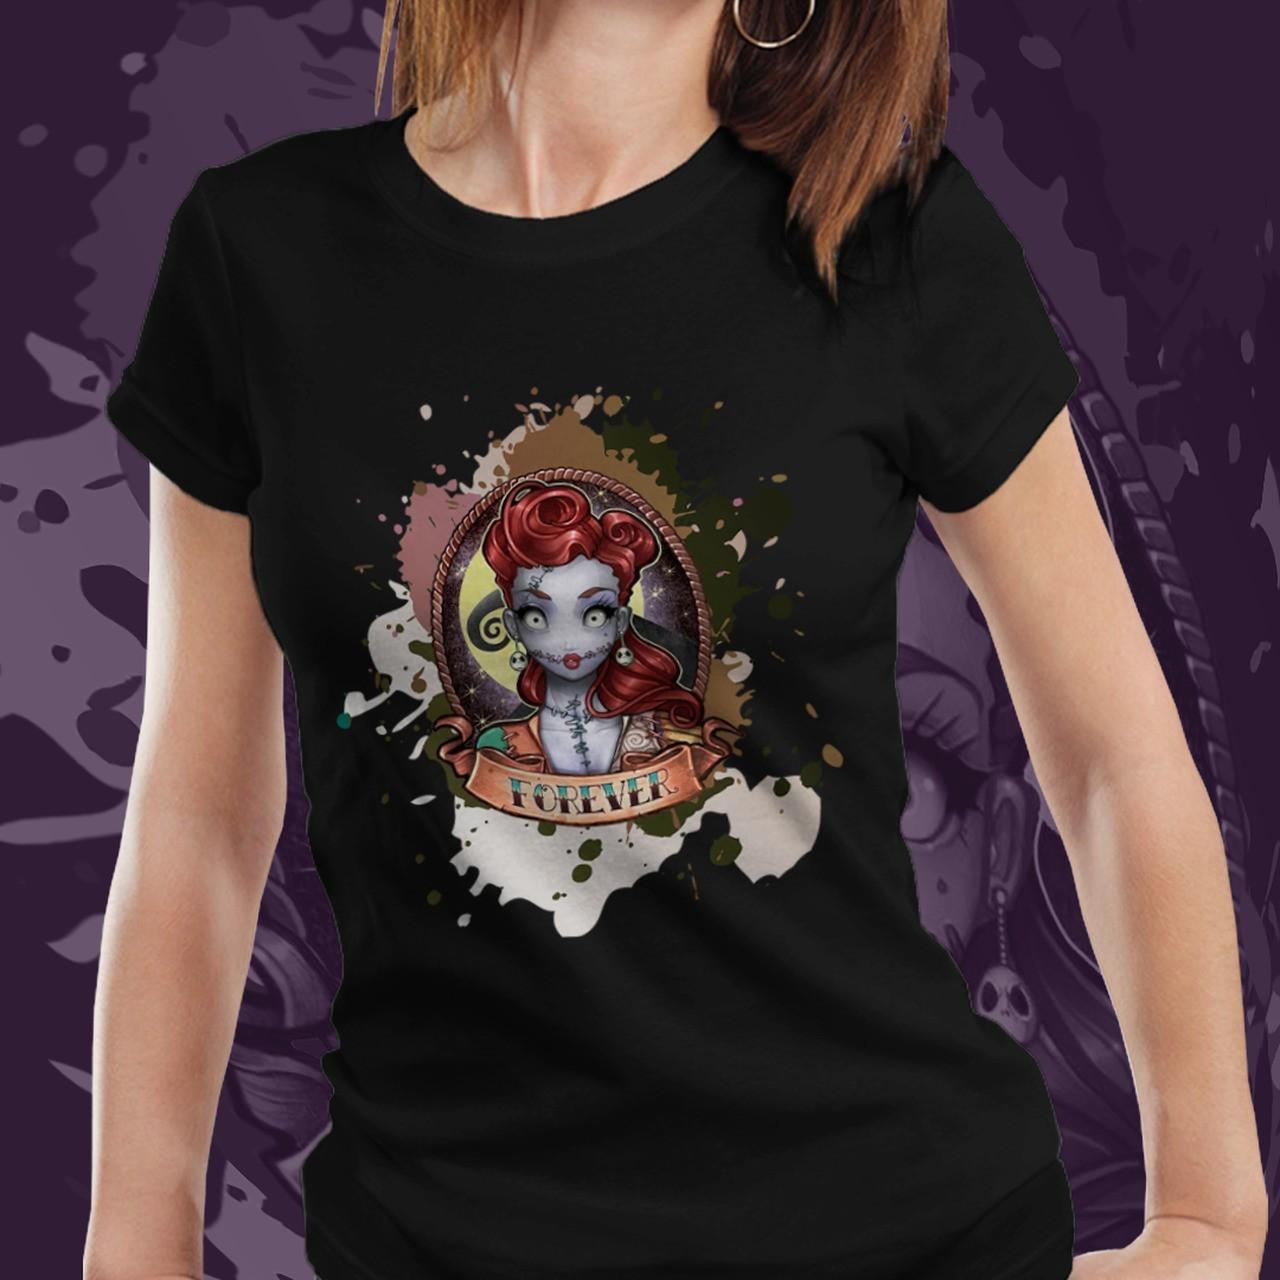 Camiseta Feminina Sally: O Estranho Mundo de Jack - (Preto) - EV